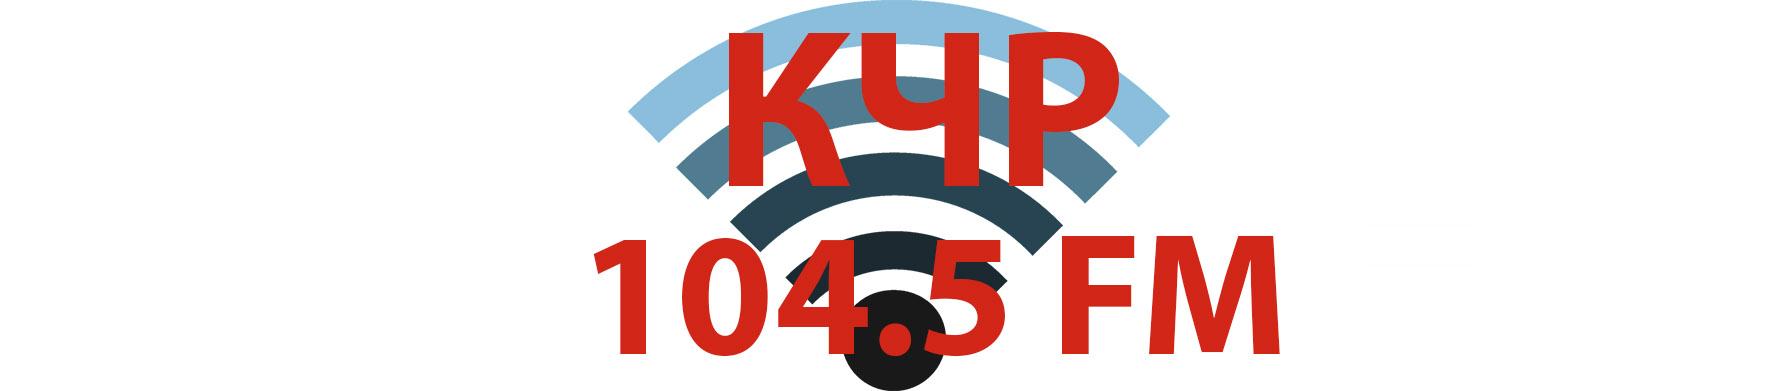 Реклама на радио в Карачаево-Черкессии КЧР FM